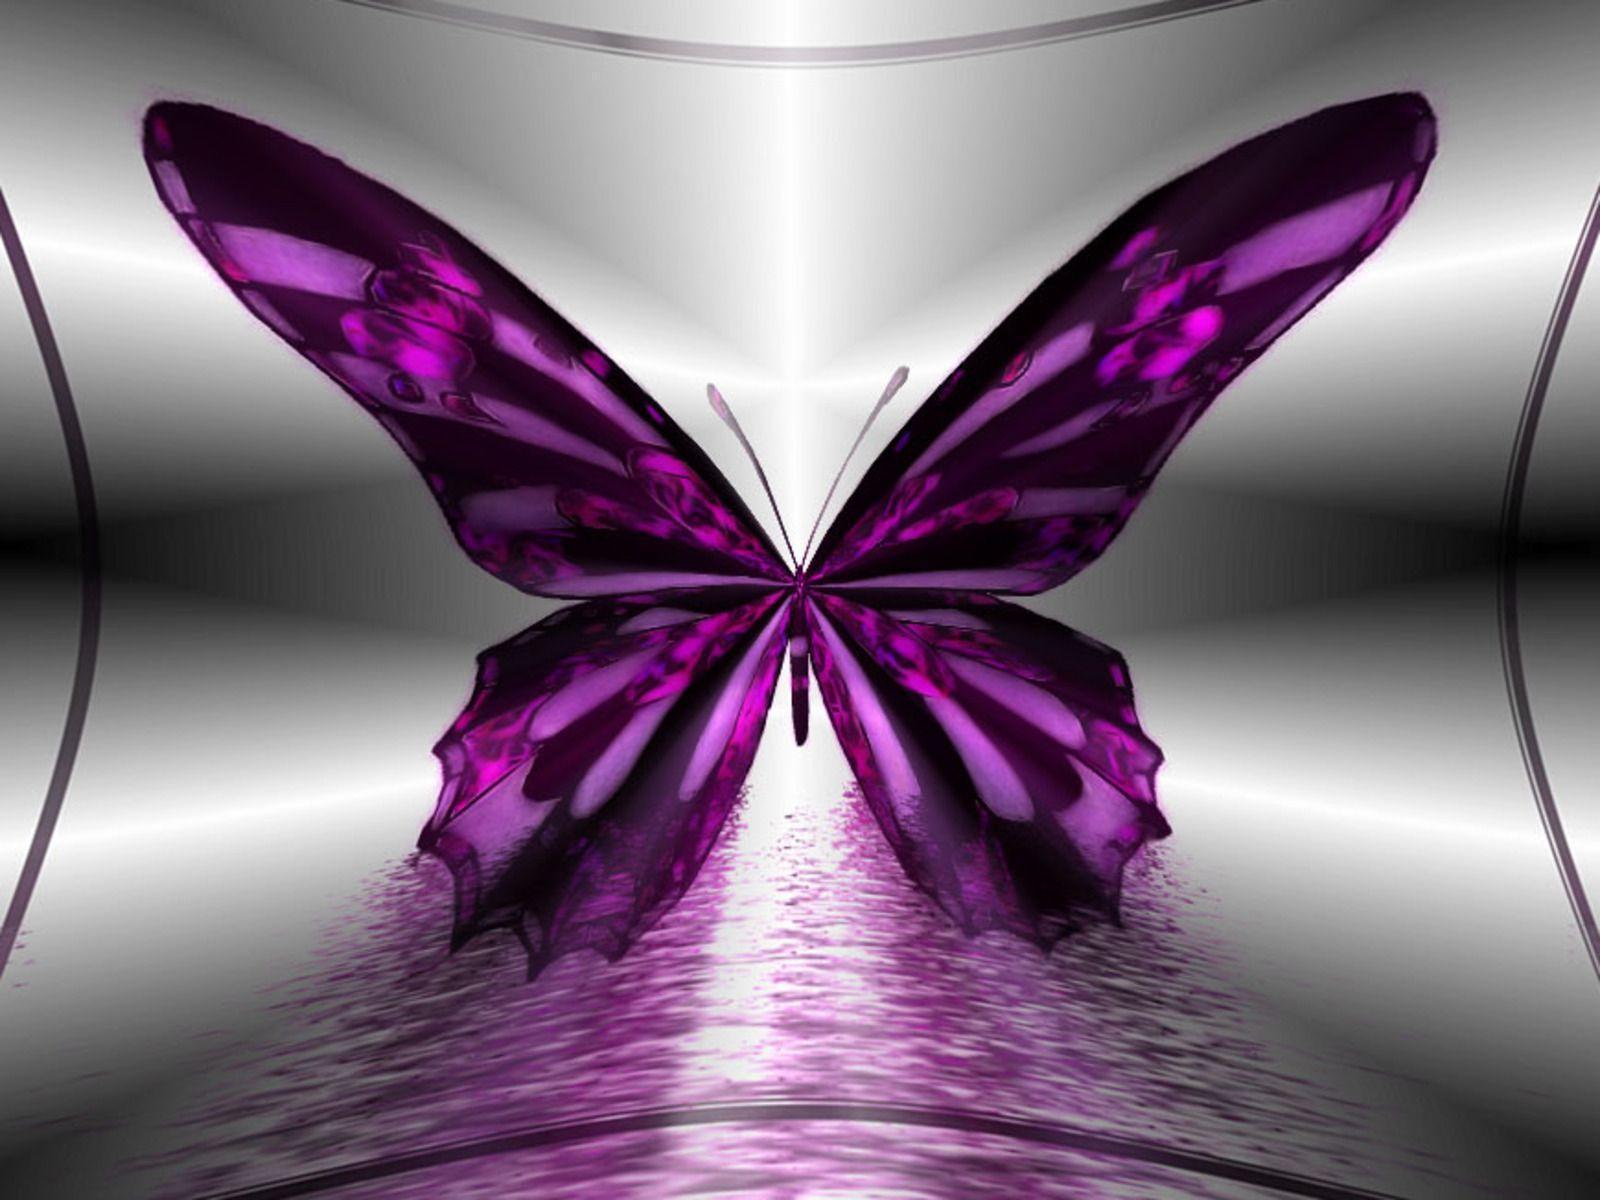 Butterfly Wallpaper Hd - WallpaperSafari